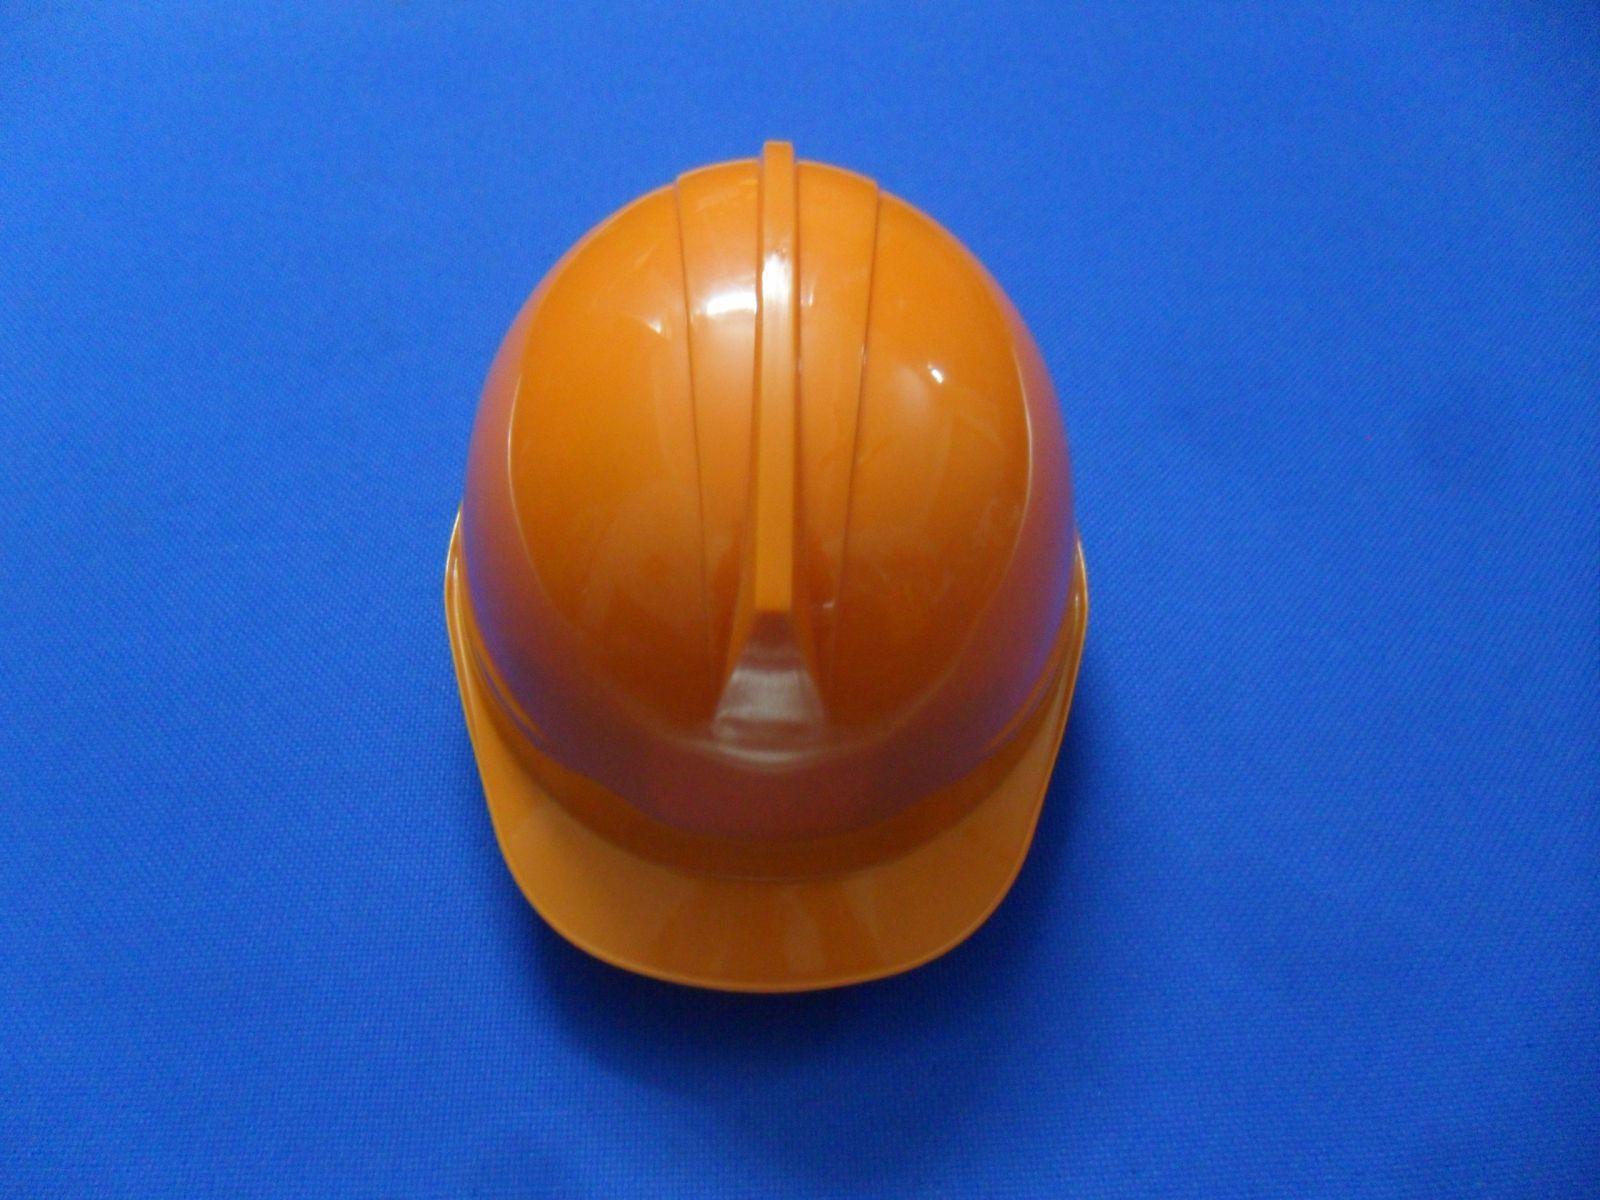 Mũ bảo hộ Hàn Quốc Kukje màu cam